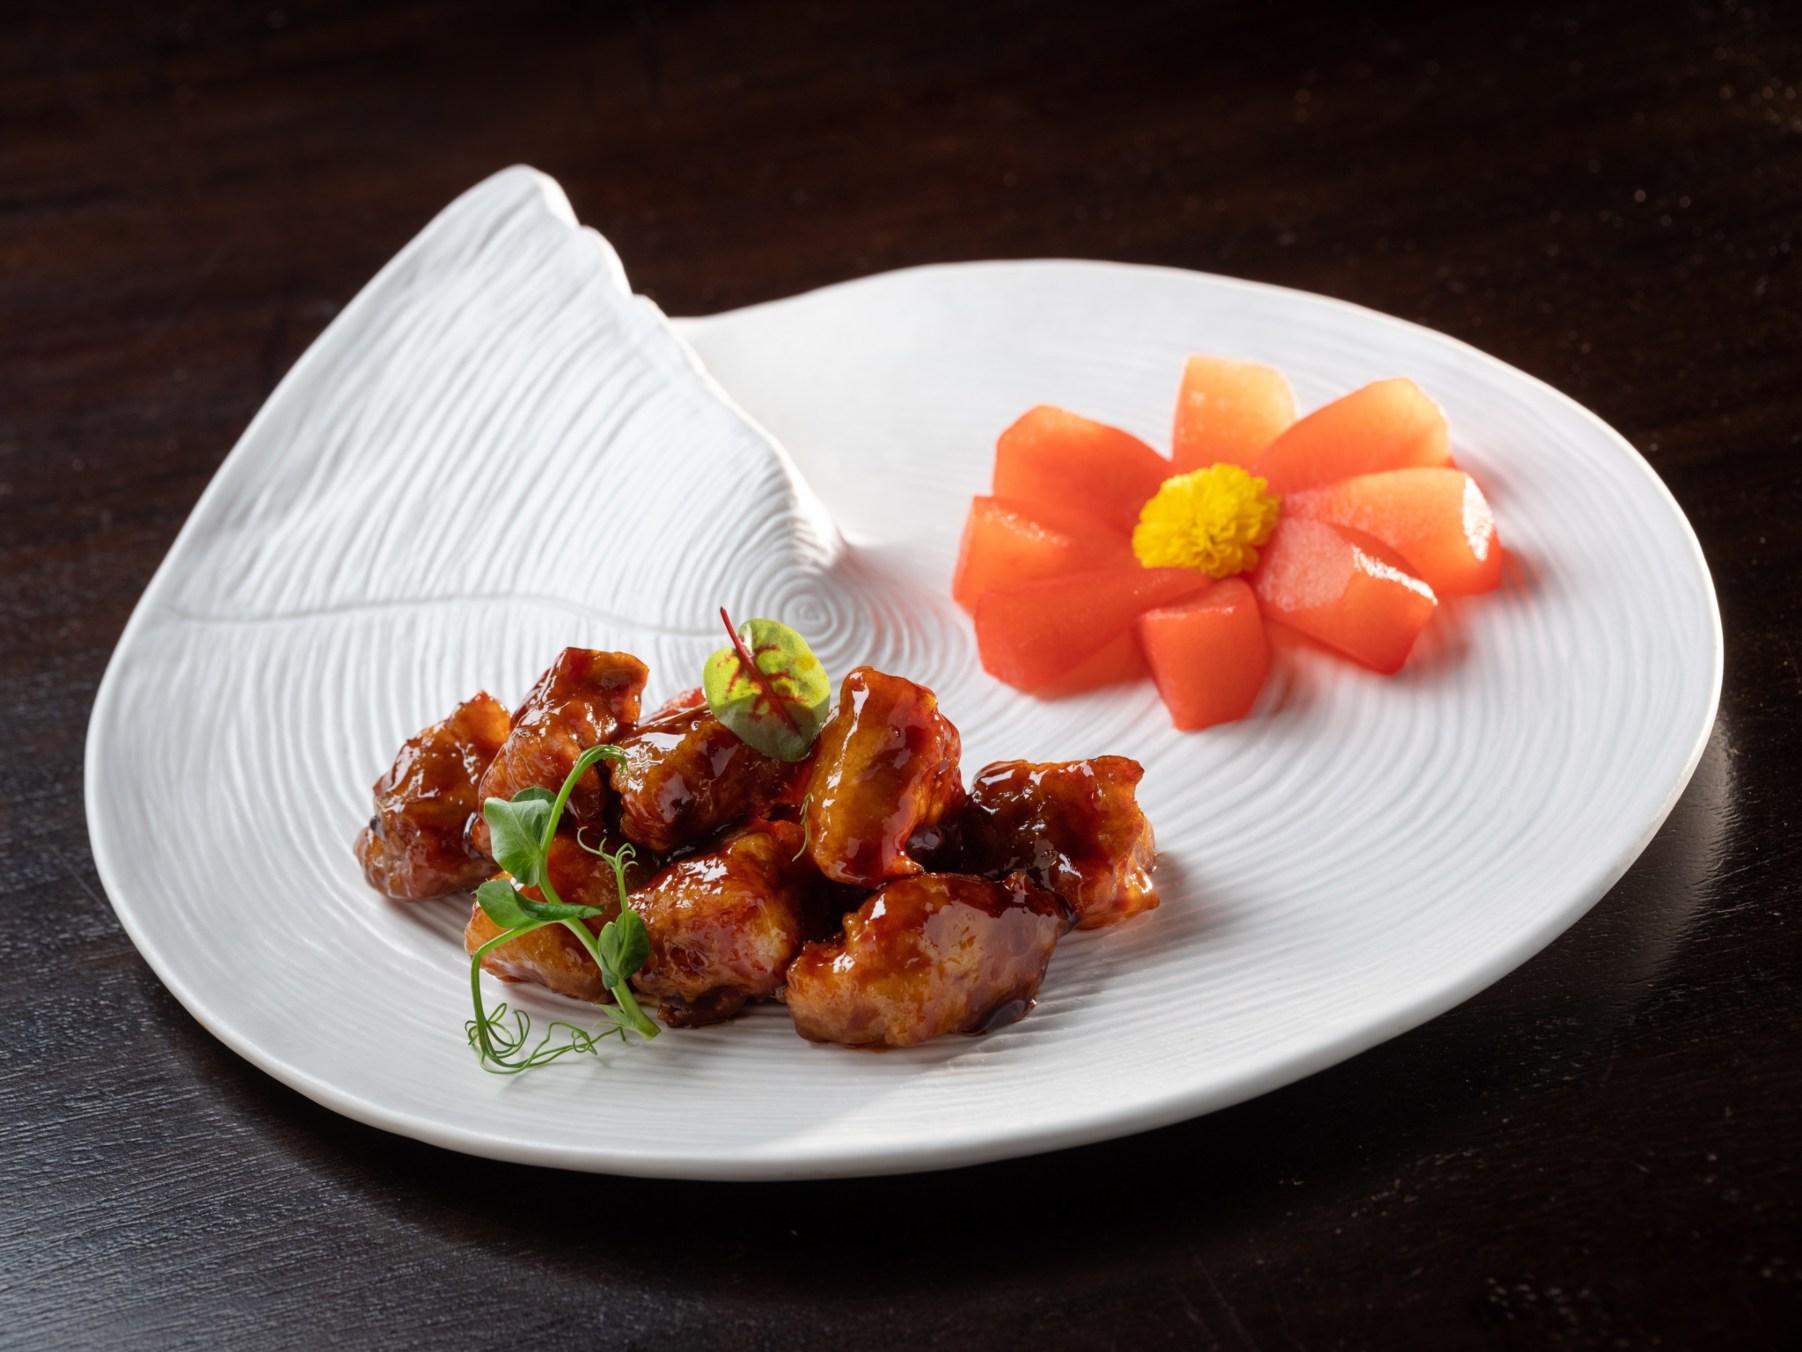 雅閣新任主廚張國邦的「梨香黑醋排骨」,發想與取材自上海鎮江醋以及粵菜咕咾肉,但又更加注重味道的平衡與層次。